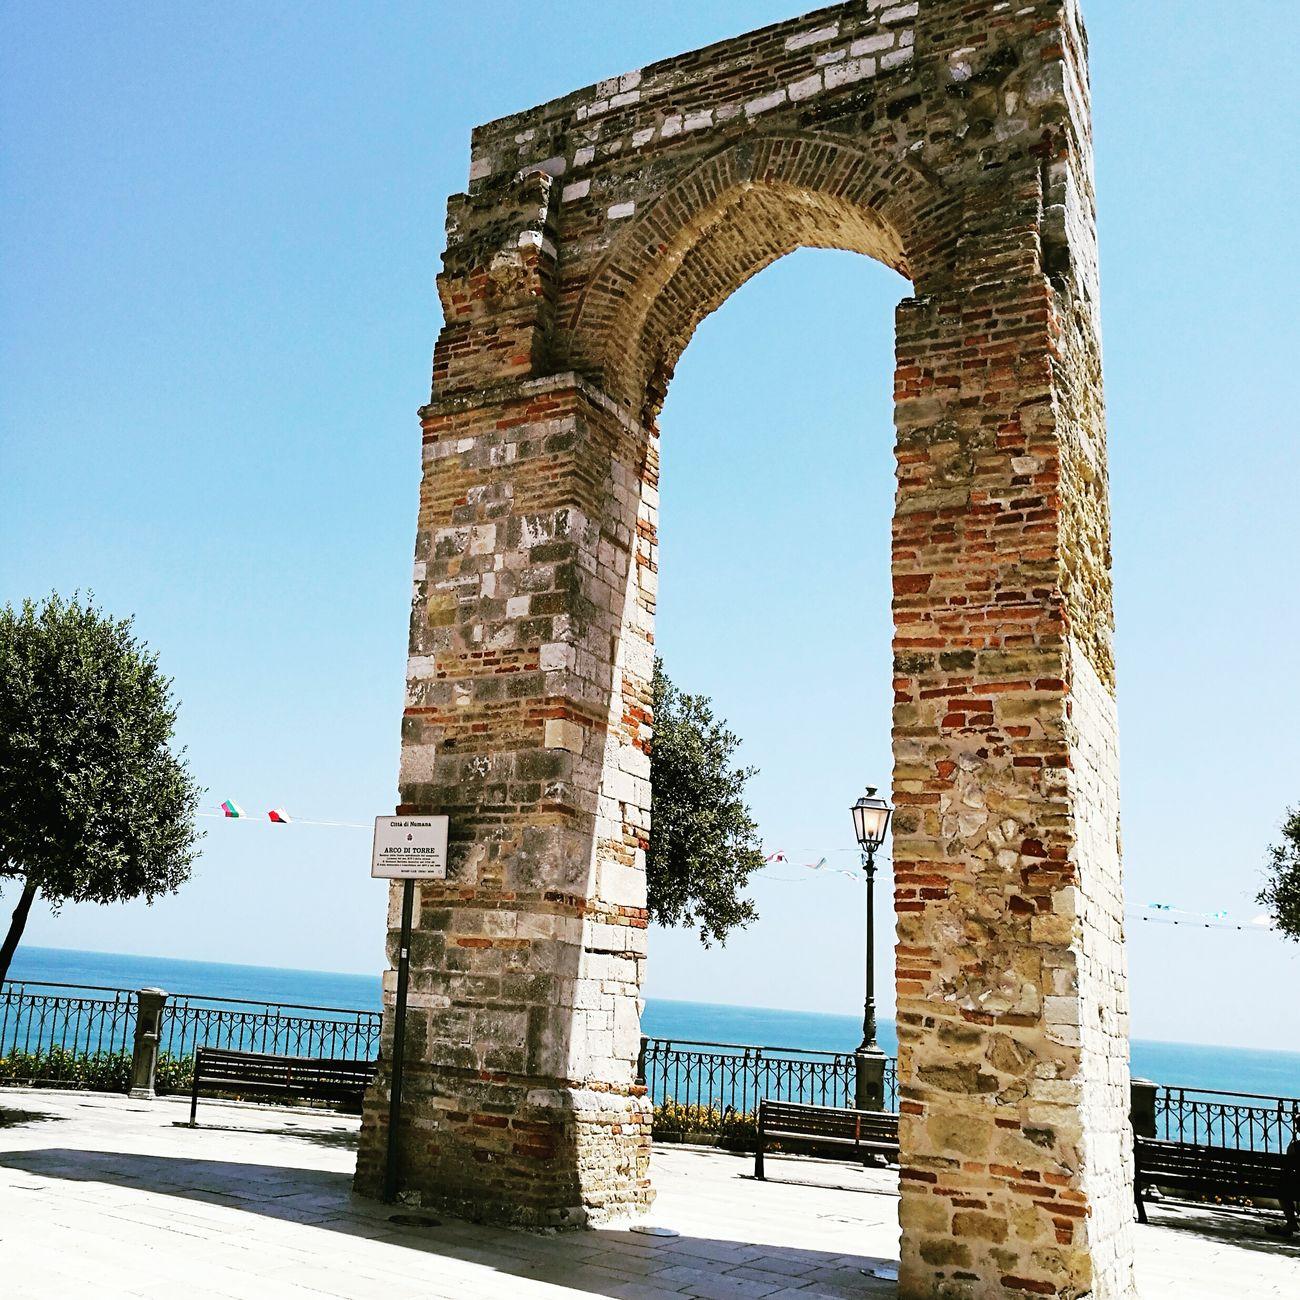 Numana Italia Italy Italy❤️ Italie Conero First Eyeem Photo